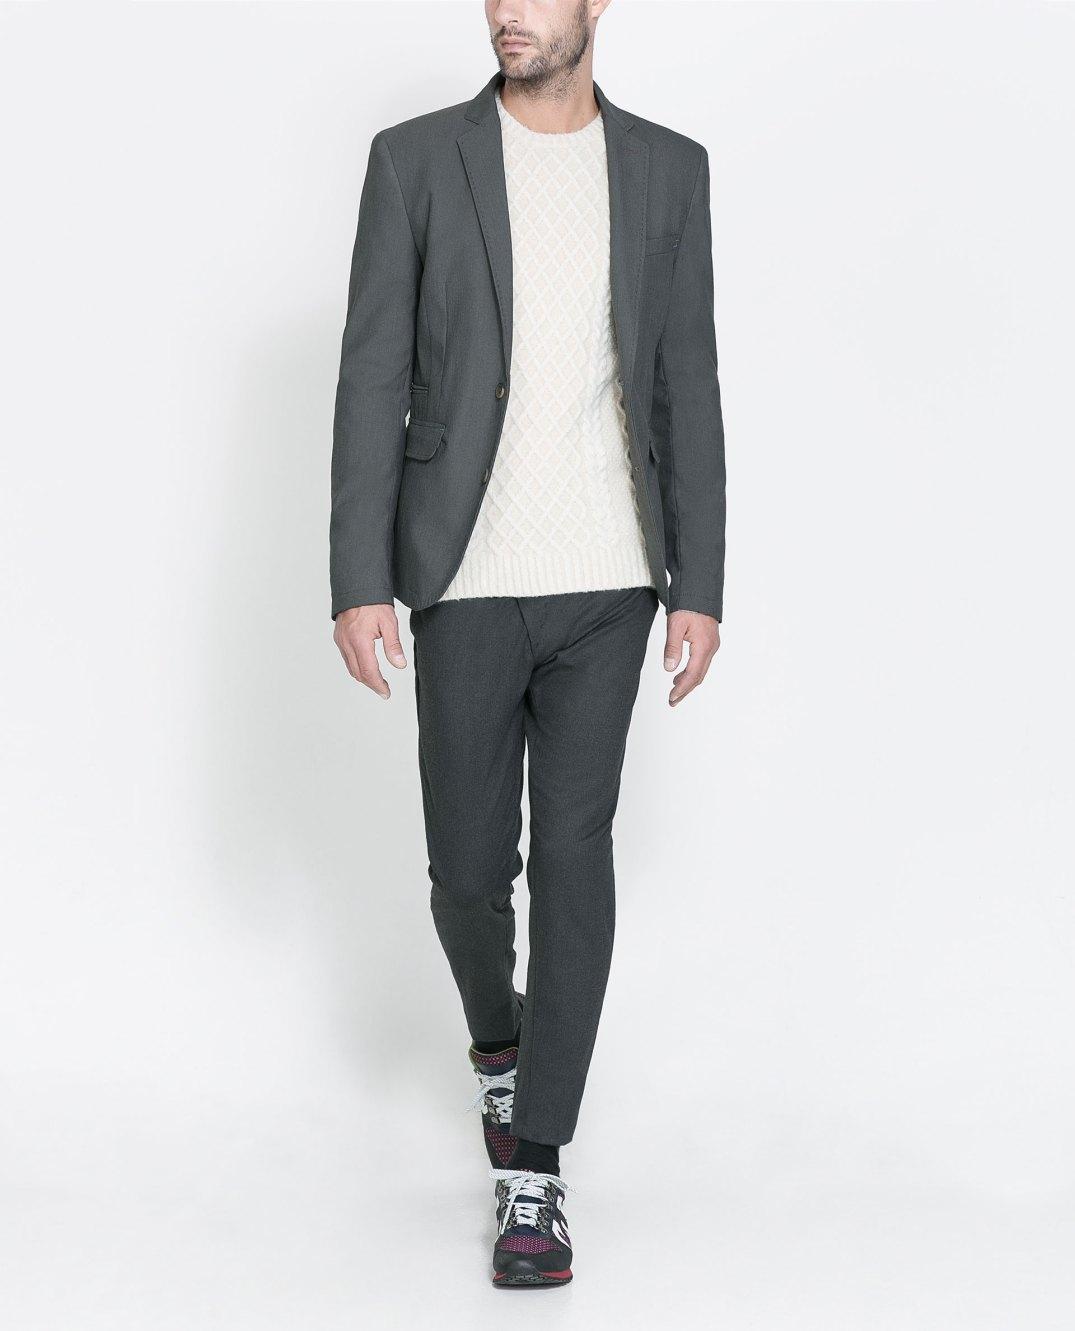 Sneakers tipo New Balance combinadas con traje - Fotografía de Zara.com